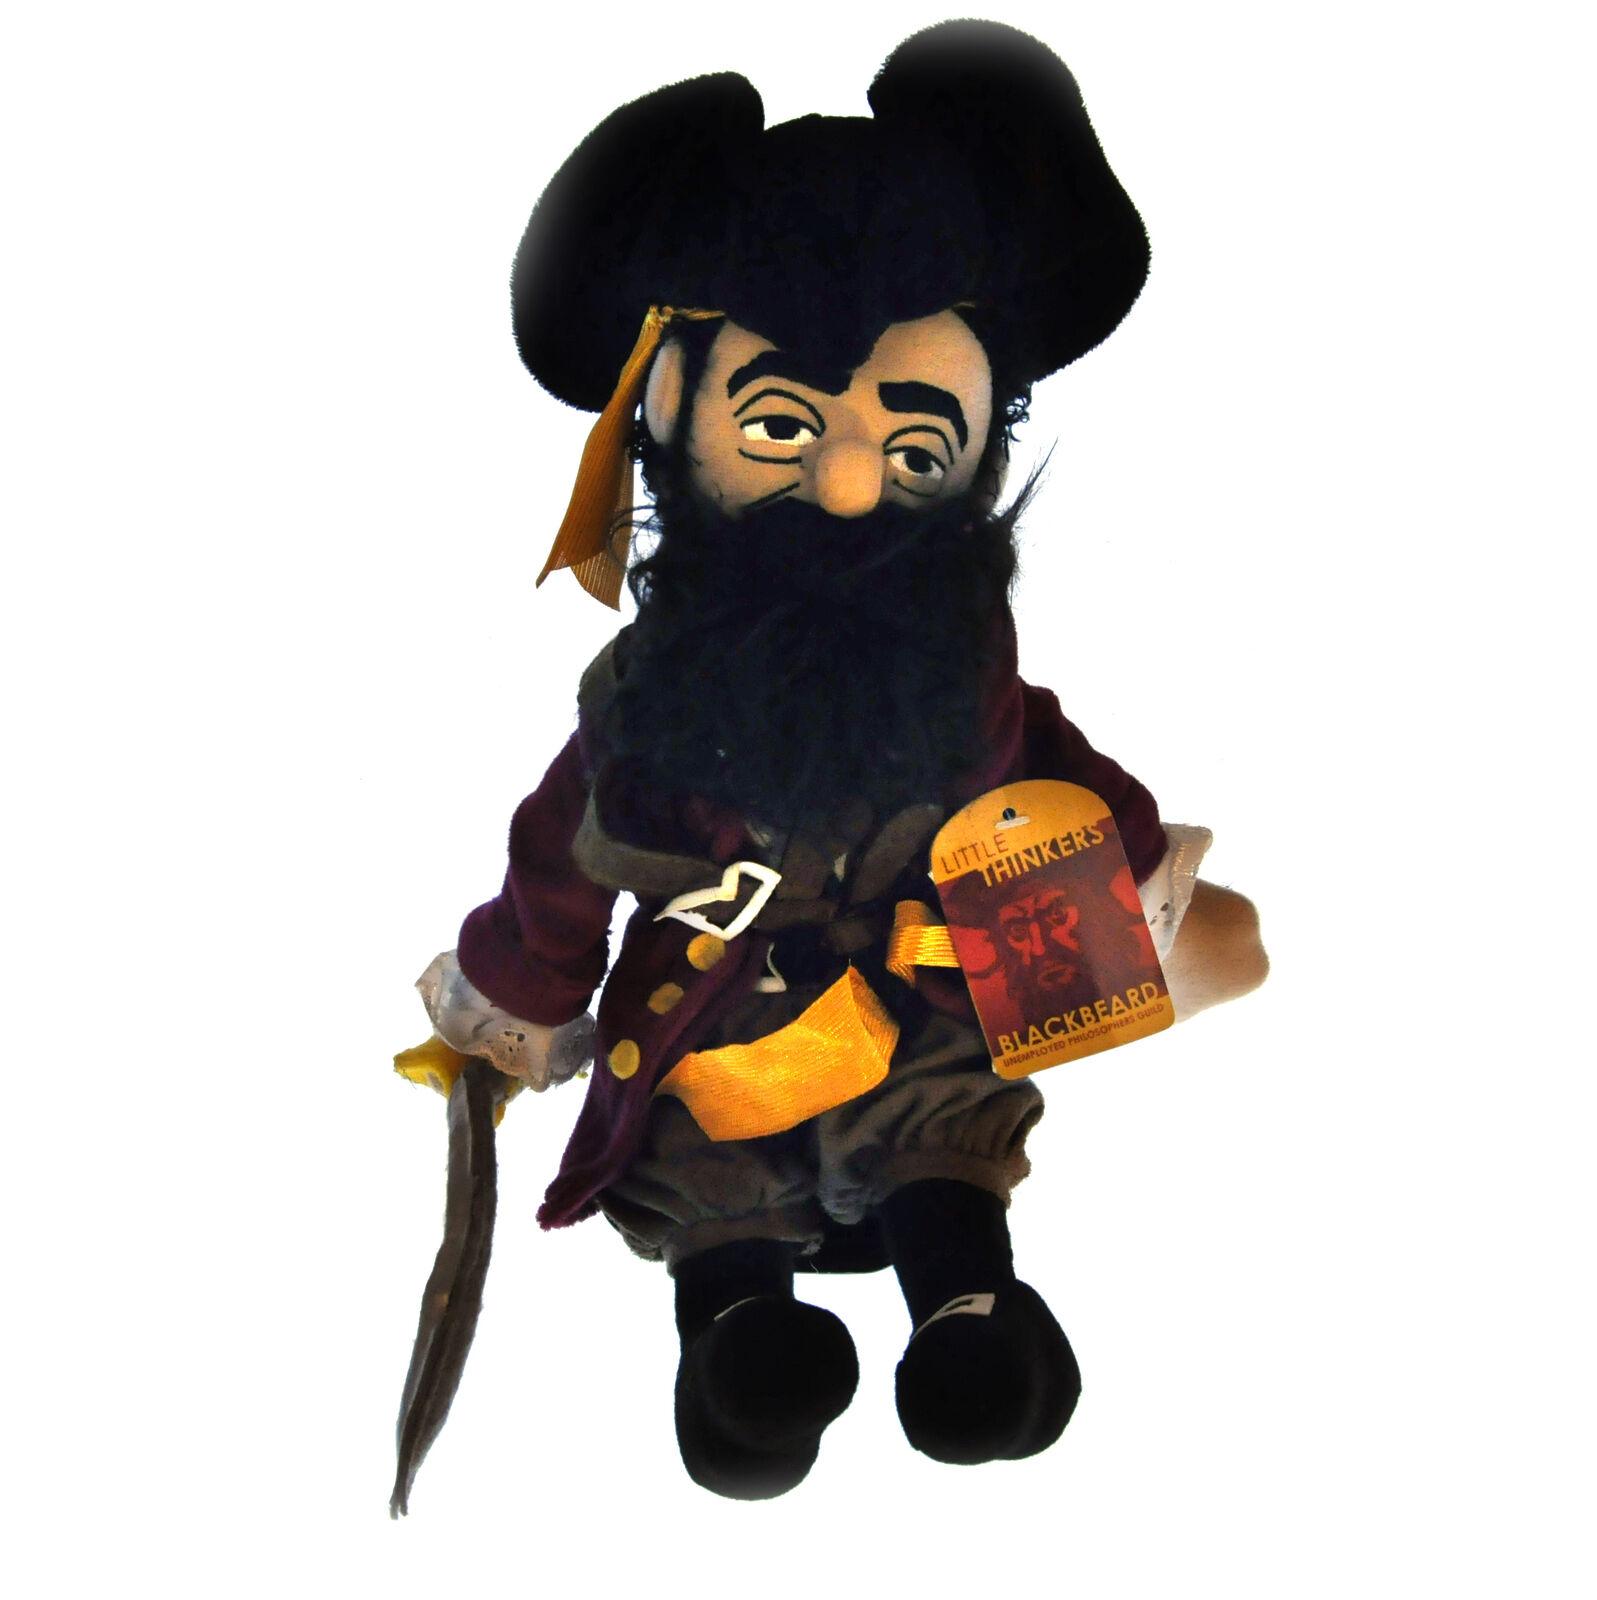 schwarzbeard's Plüschtier - Little Denker Denker Denker Puppe 755ccf